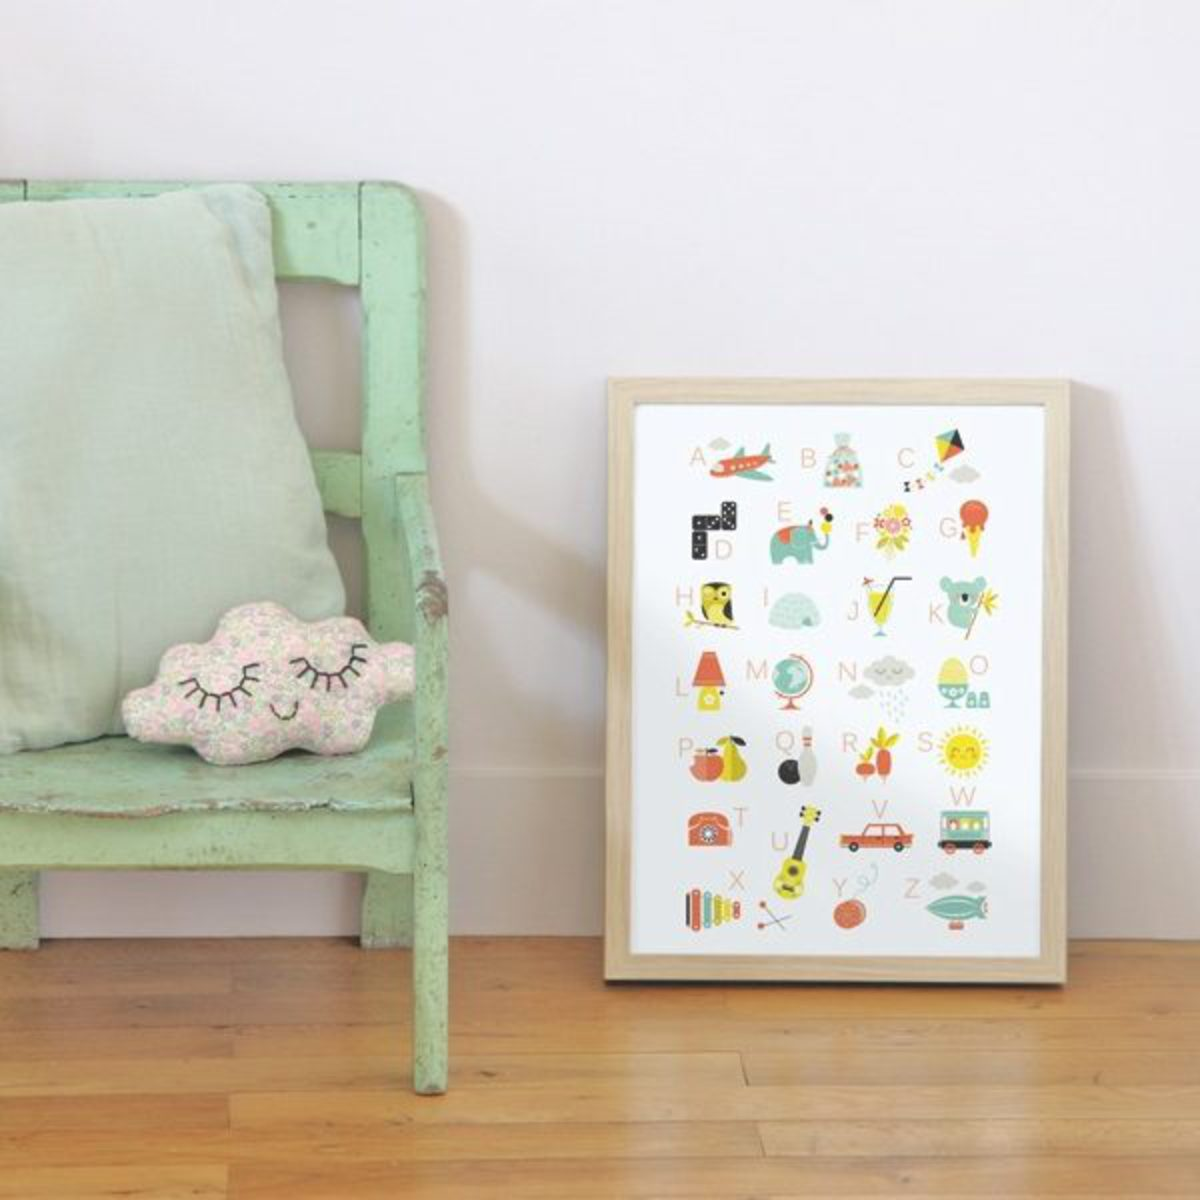 z affiche ab c daire affiche poster z sur l 39 armoire. Black Bedroom Furniture Sets. Home Design Ideas